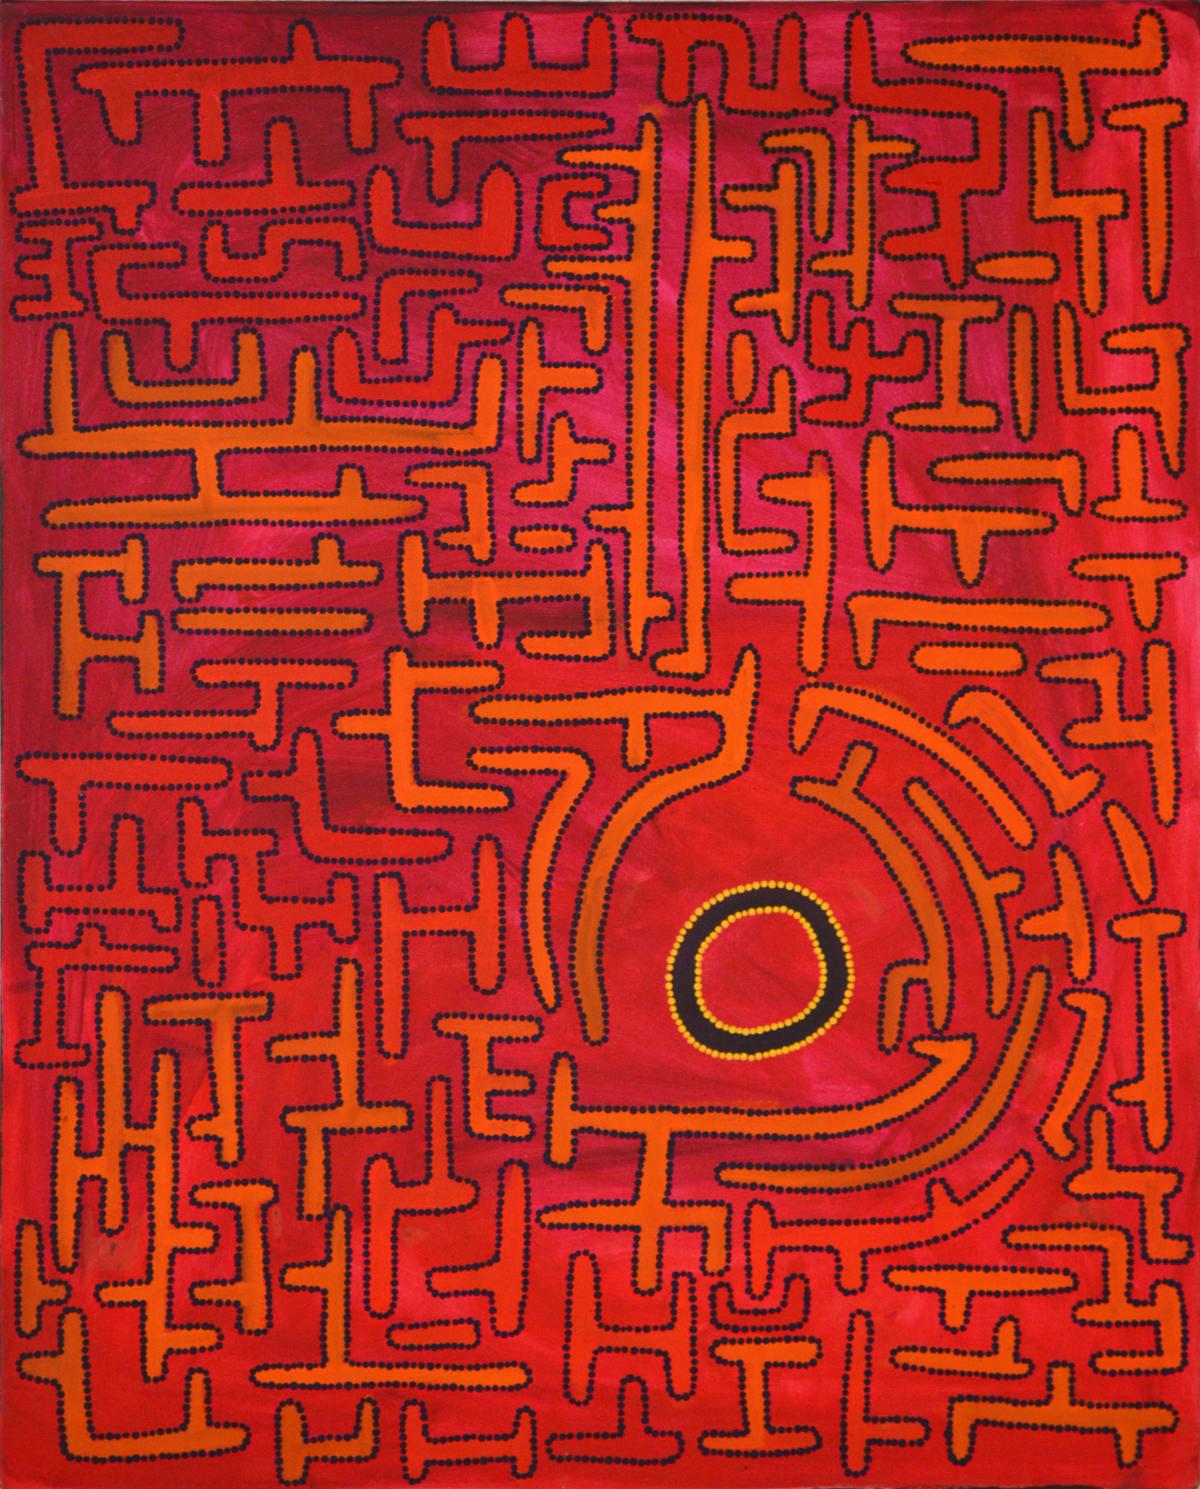 Terry Murray (Murungkurr) Japirnka Jila acrylic on canvas 80 x 100 cm